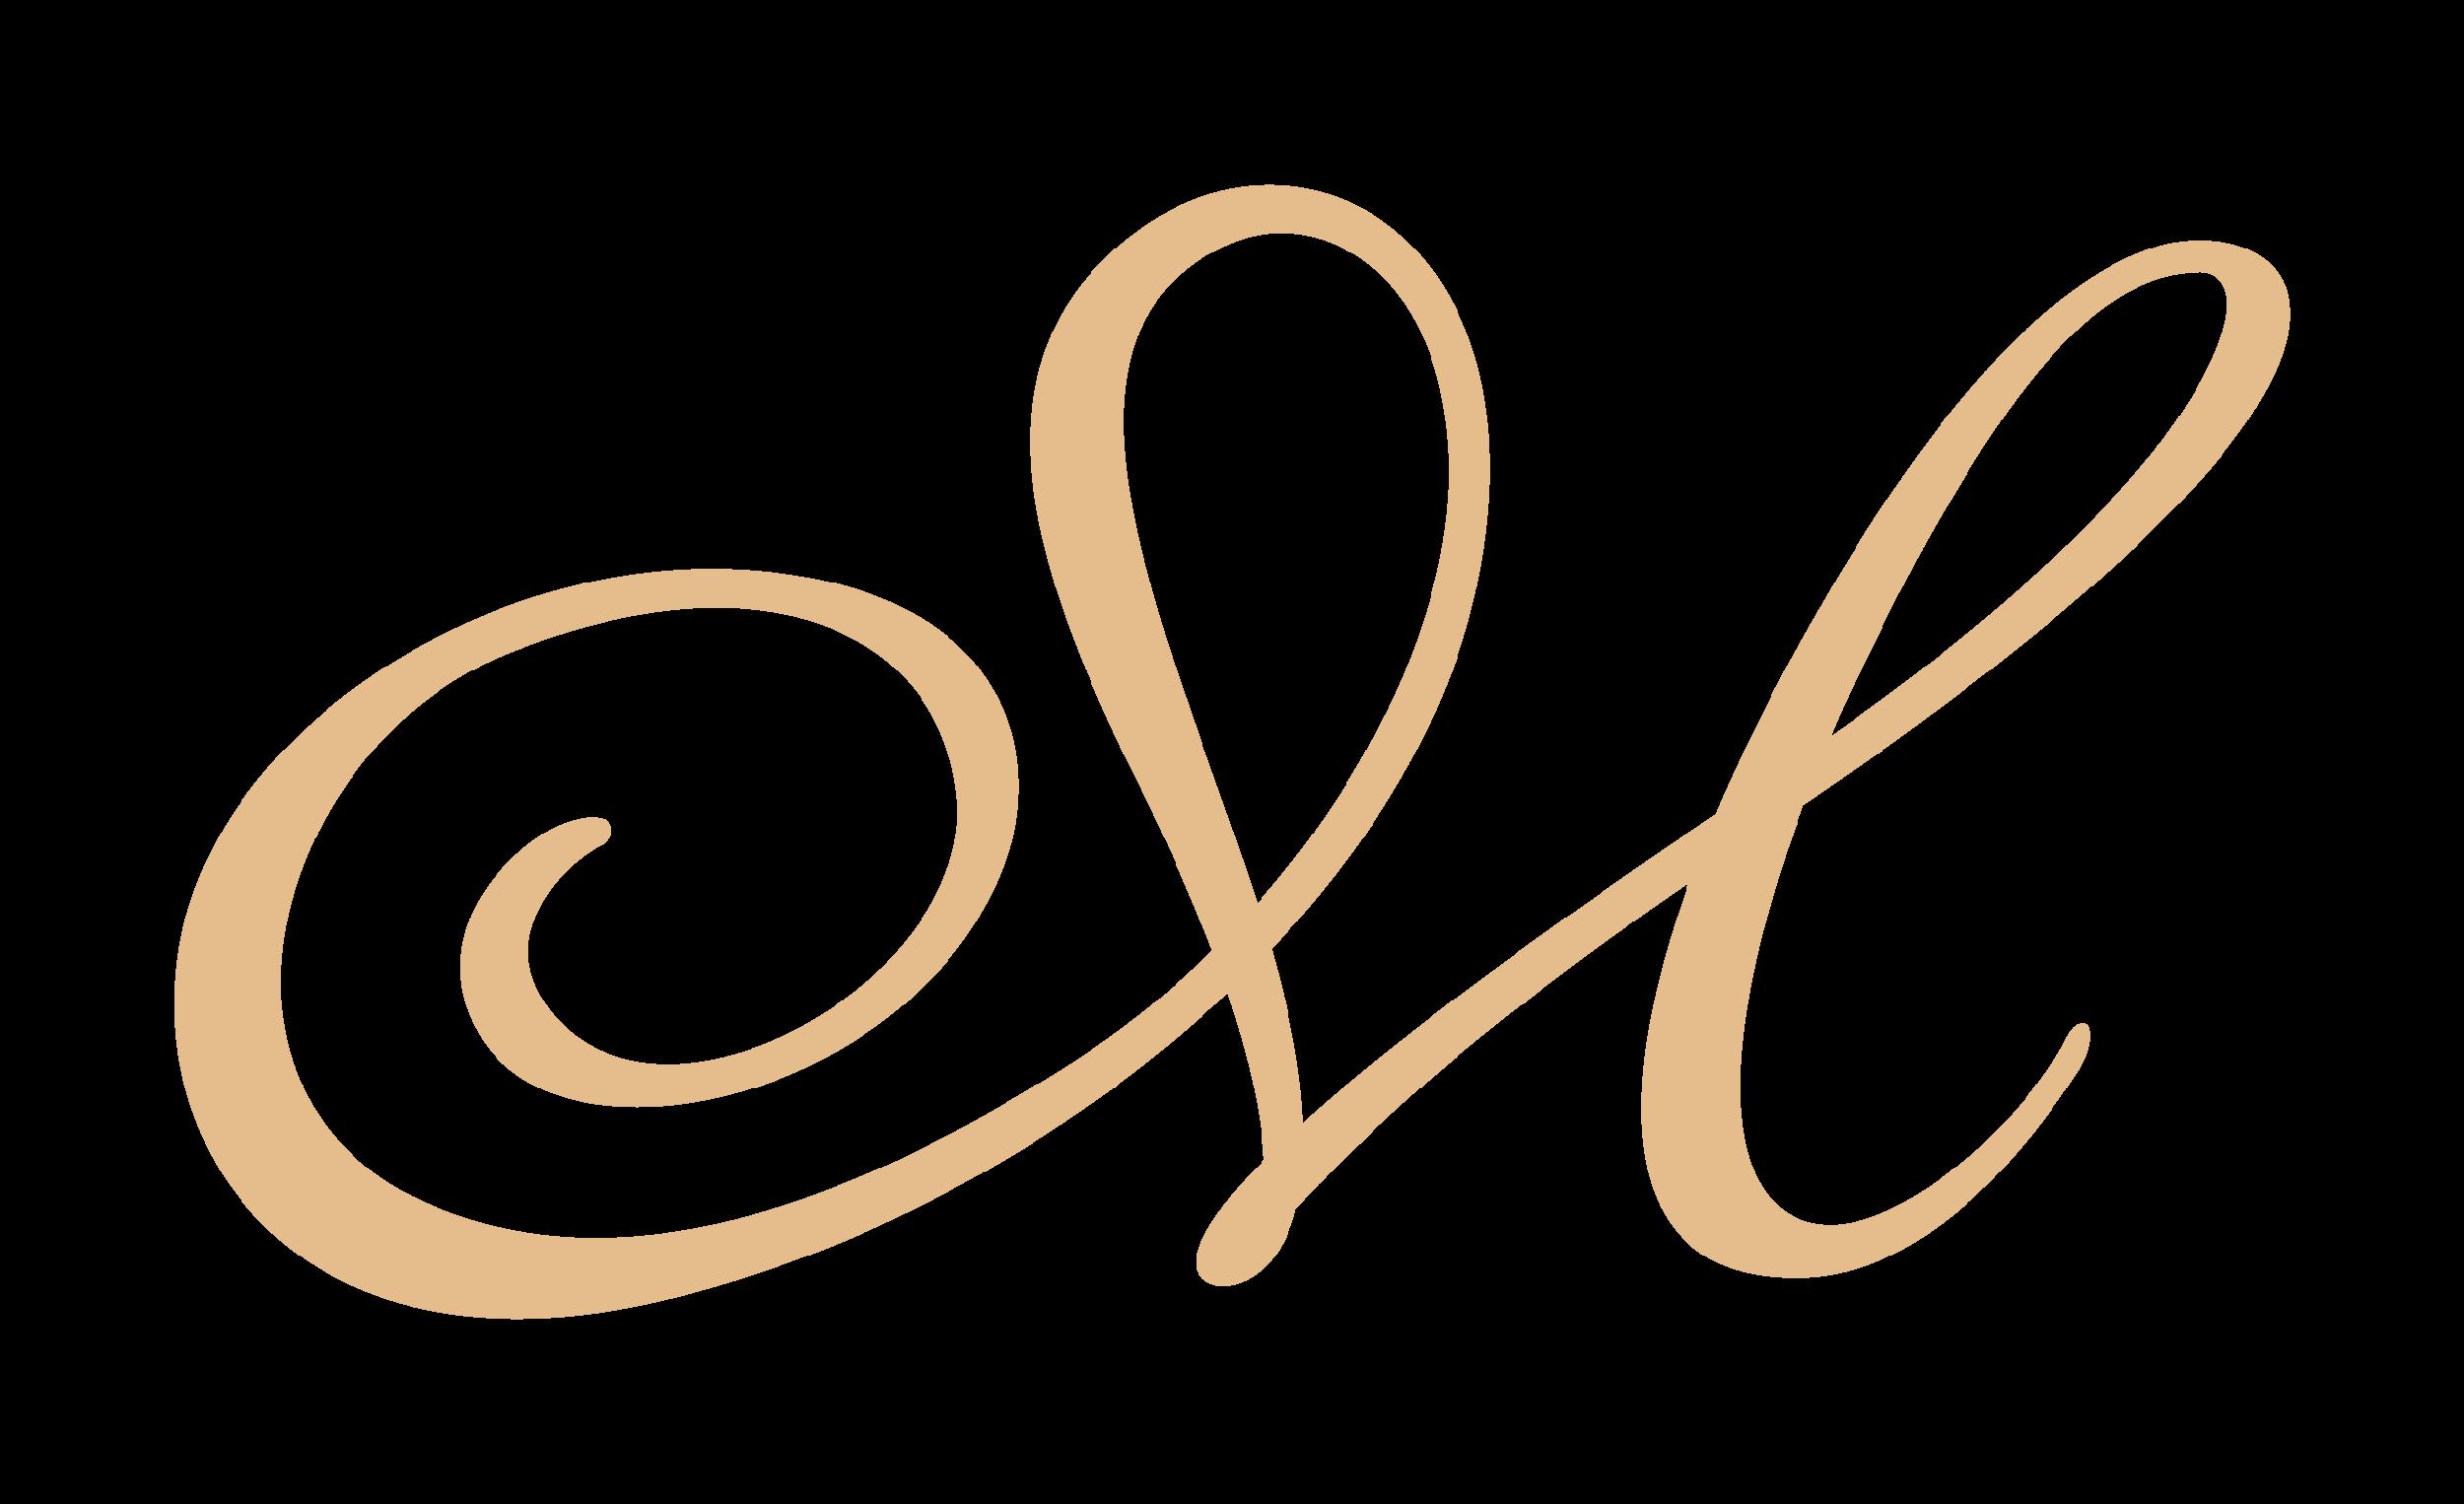 mariascheececakes_logo_m_Artboard 4.png